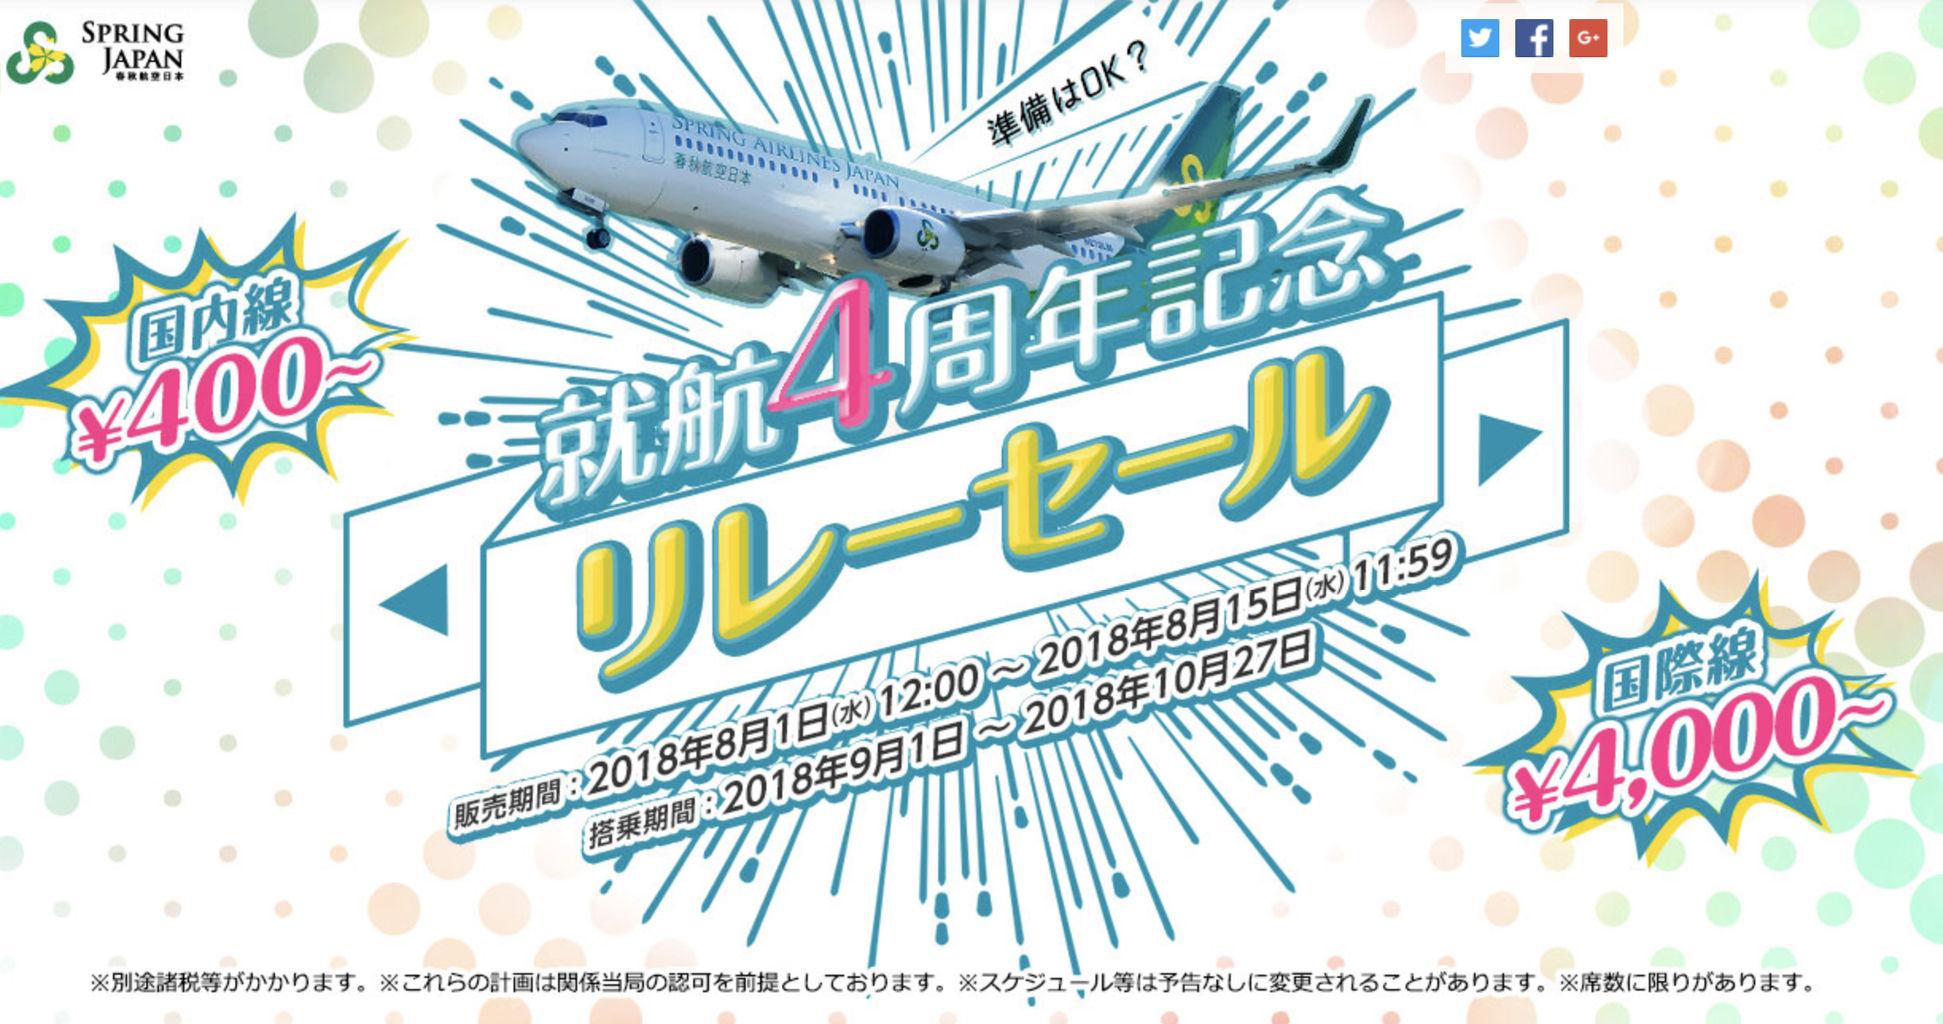 就航4周年で「オドロキ価格」。春秋航空日本が国内線片道400円、国際線